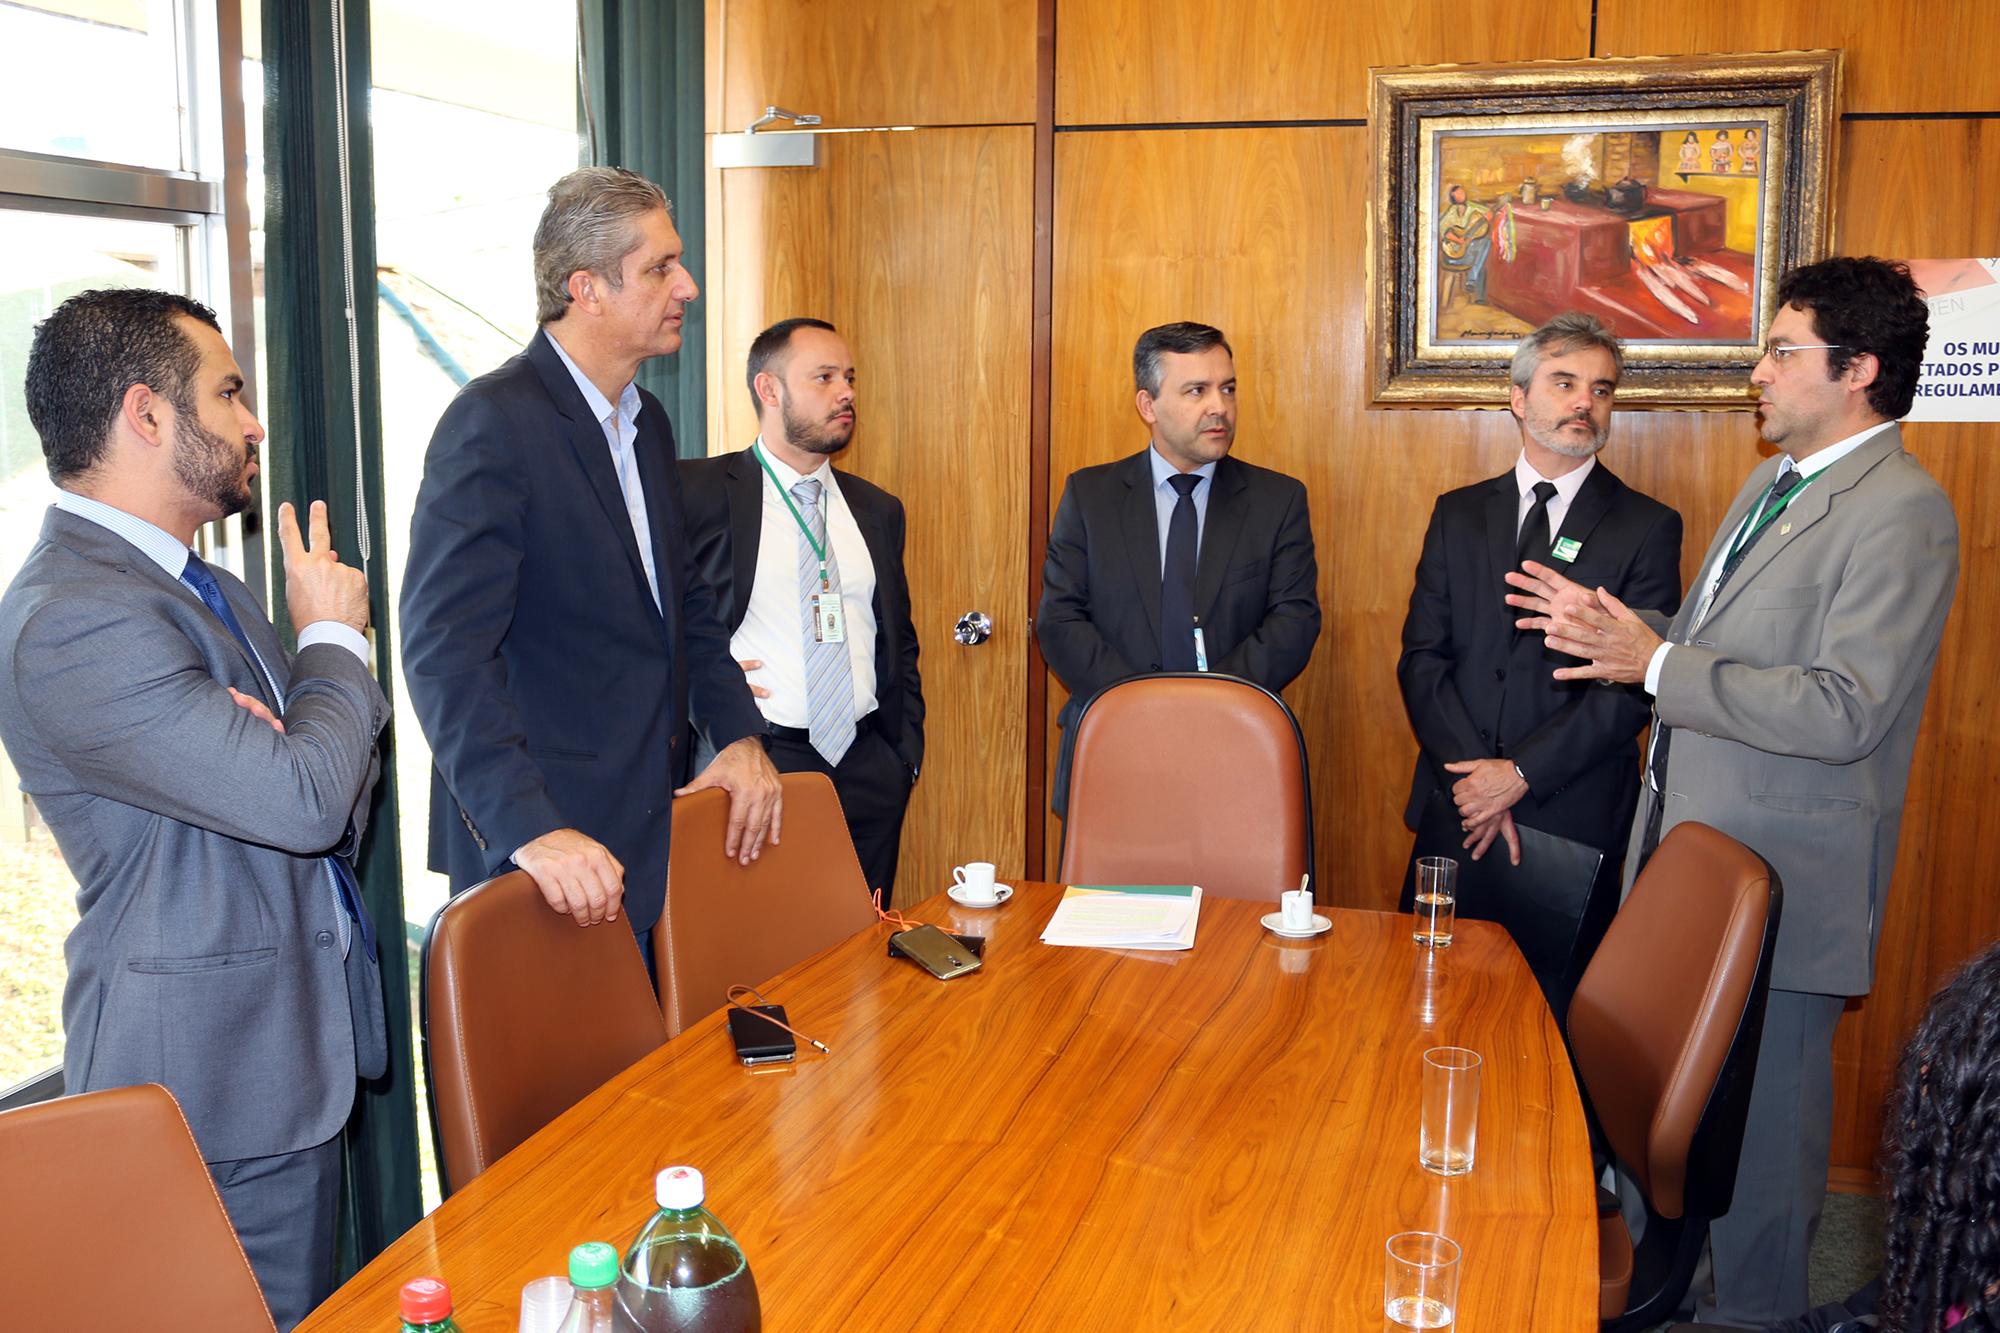 lex Canuto argumenta com o Deputado Rogério Rosso. Foto: Filipe Calmon / ANESP